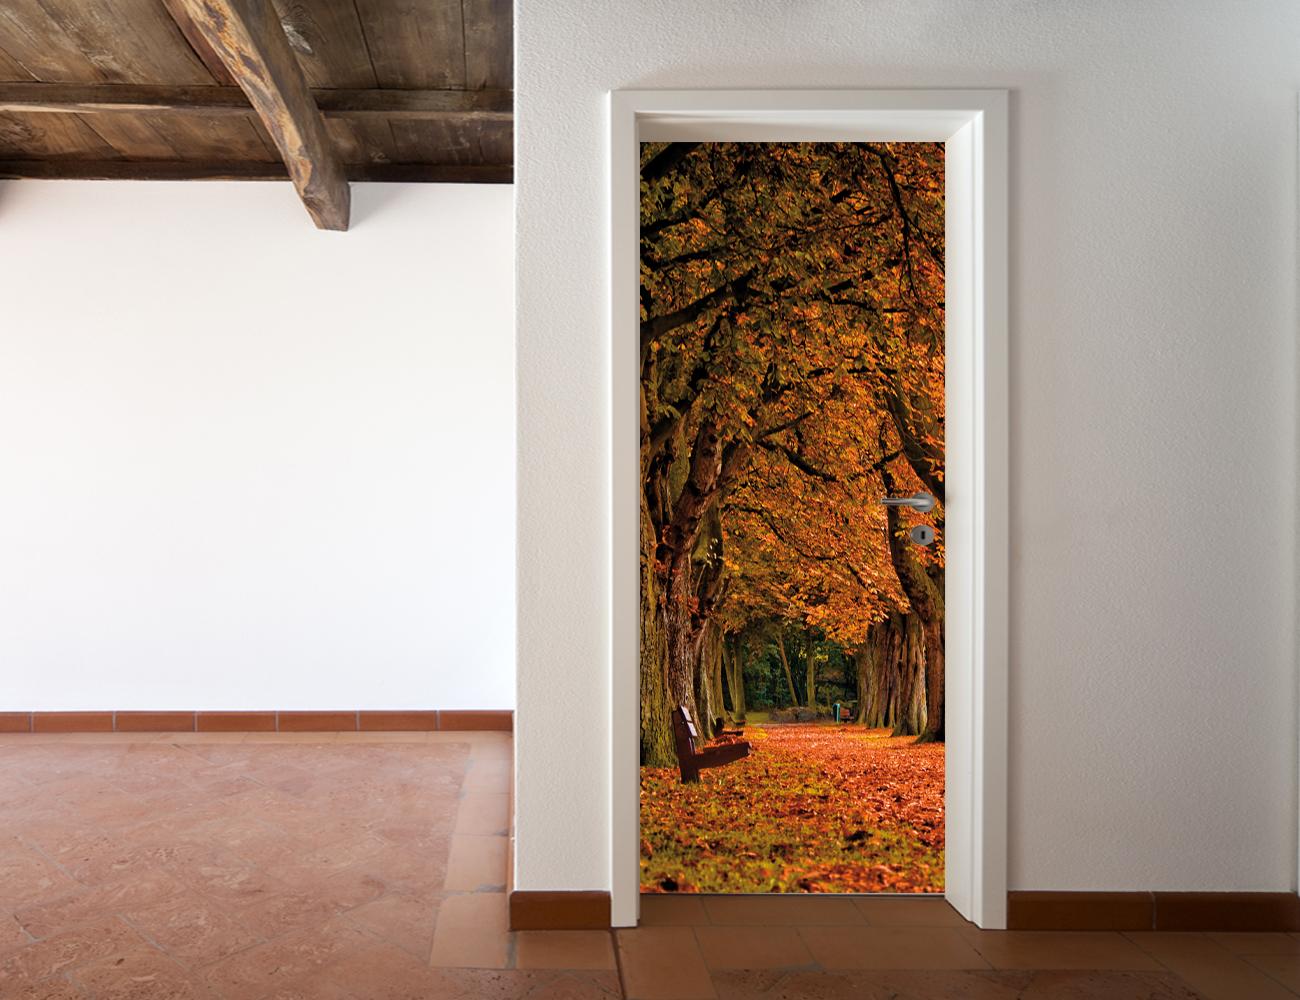 Adesivi follia adesivo per porte autunno for Specchi adesivi per porte